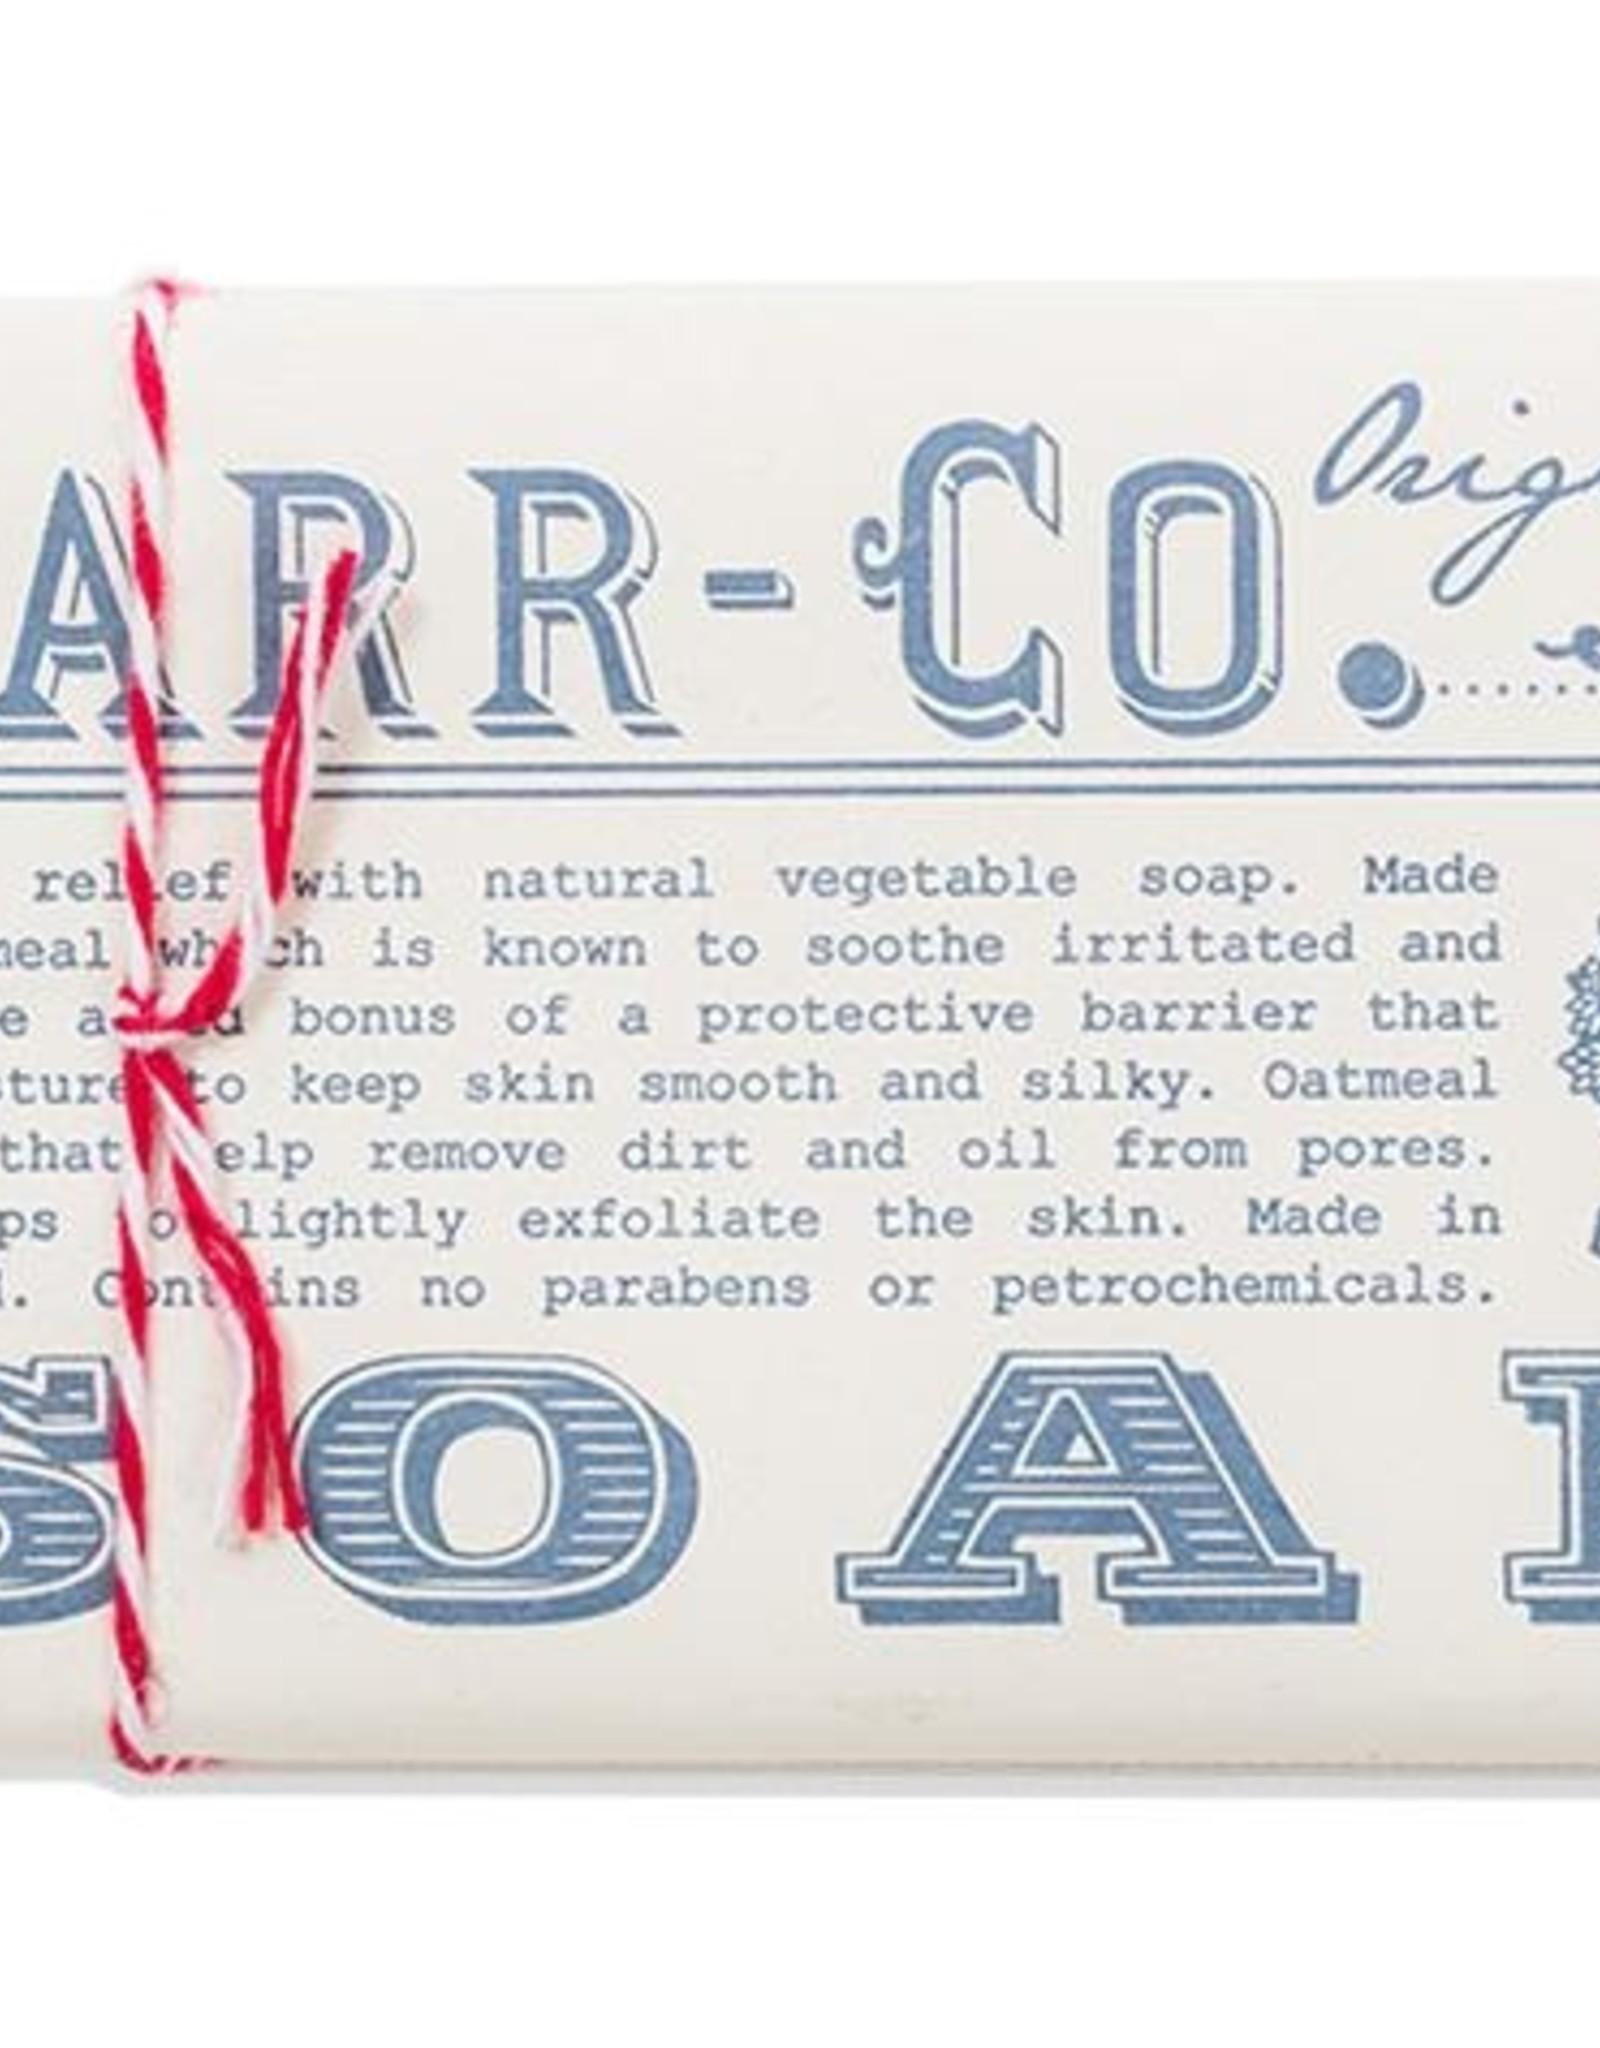 Barr-Co Bar Soap Original scent 6 Oz